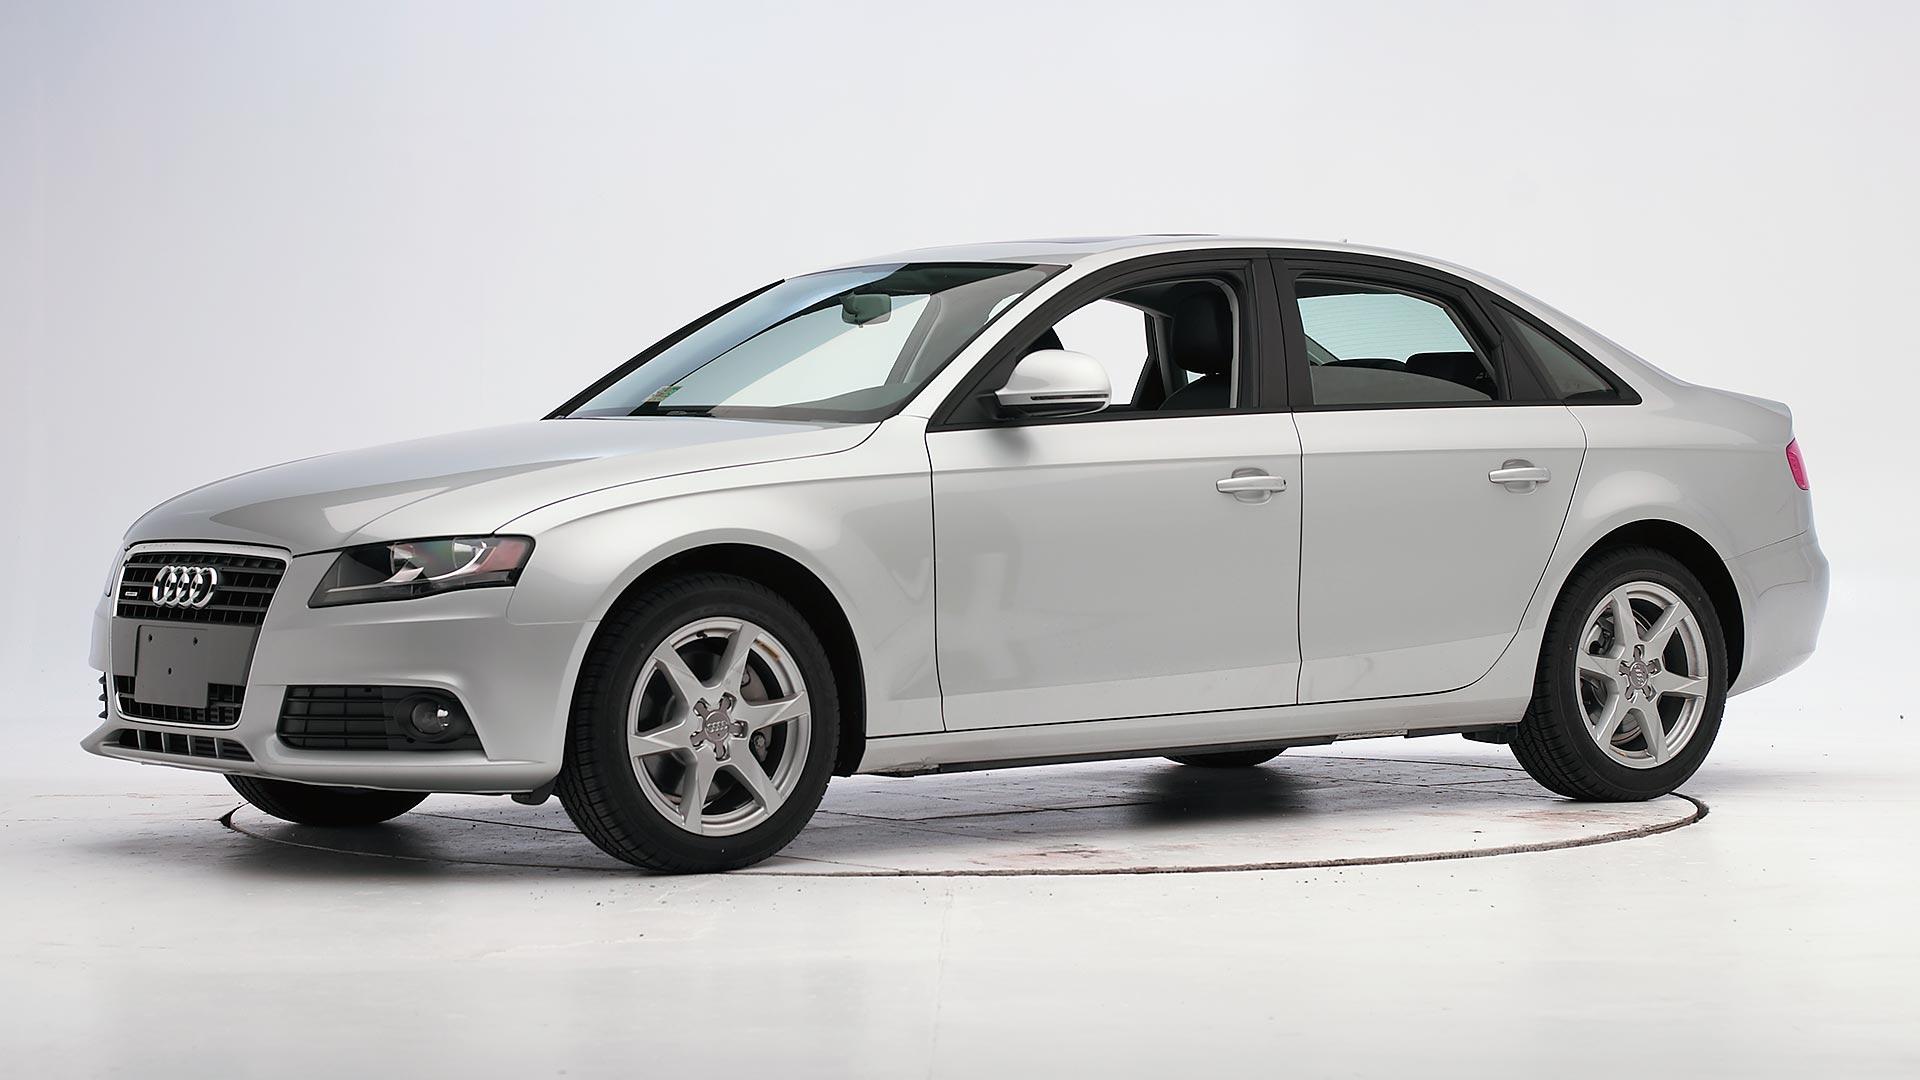 Kelebihan Kekurangan Audi A4 2009 Perbandingan Harga